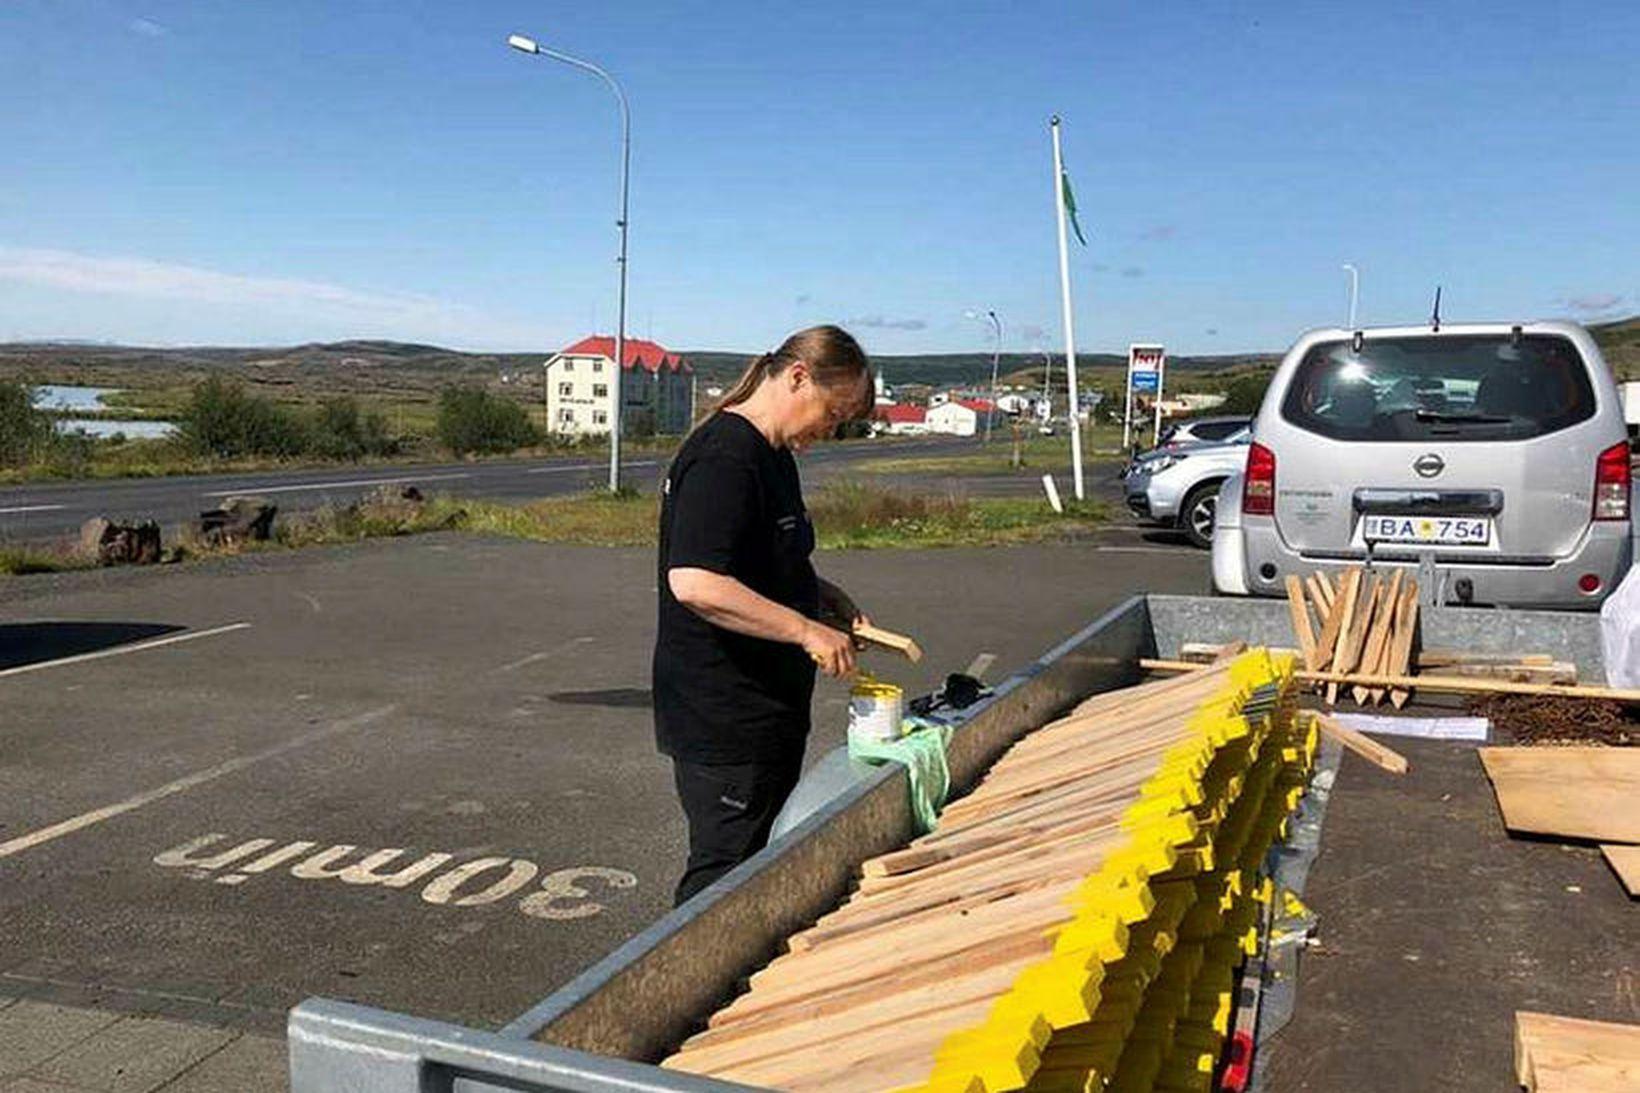 Þessar stikur munu koma sér vel við afmörkun gönguleiða.